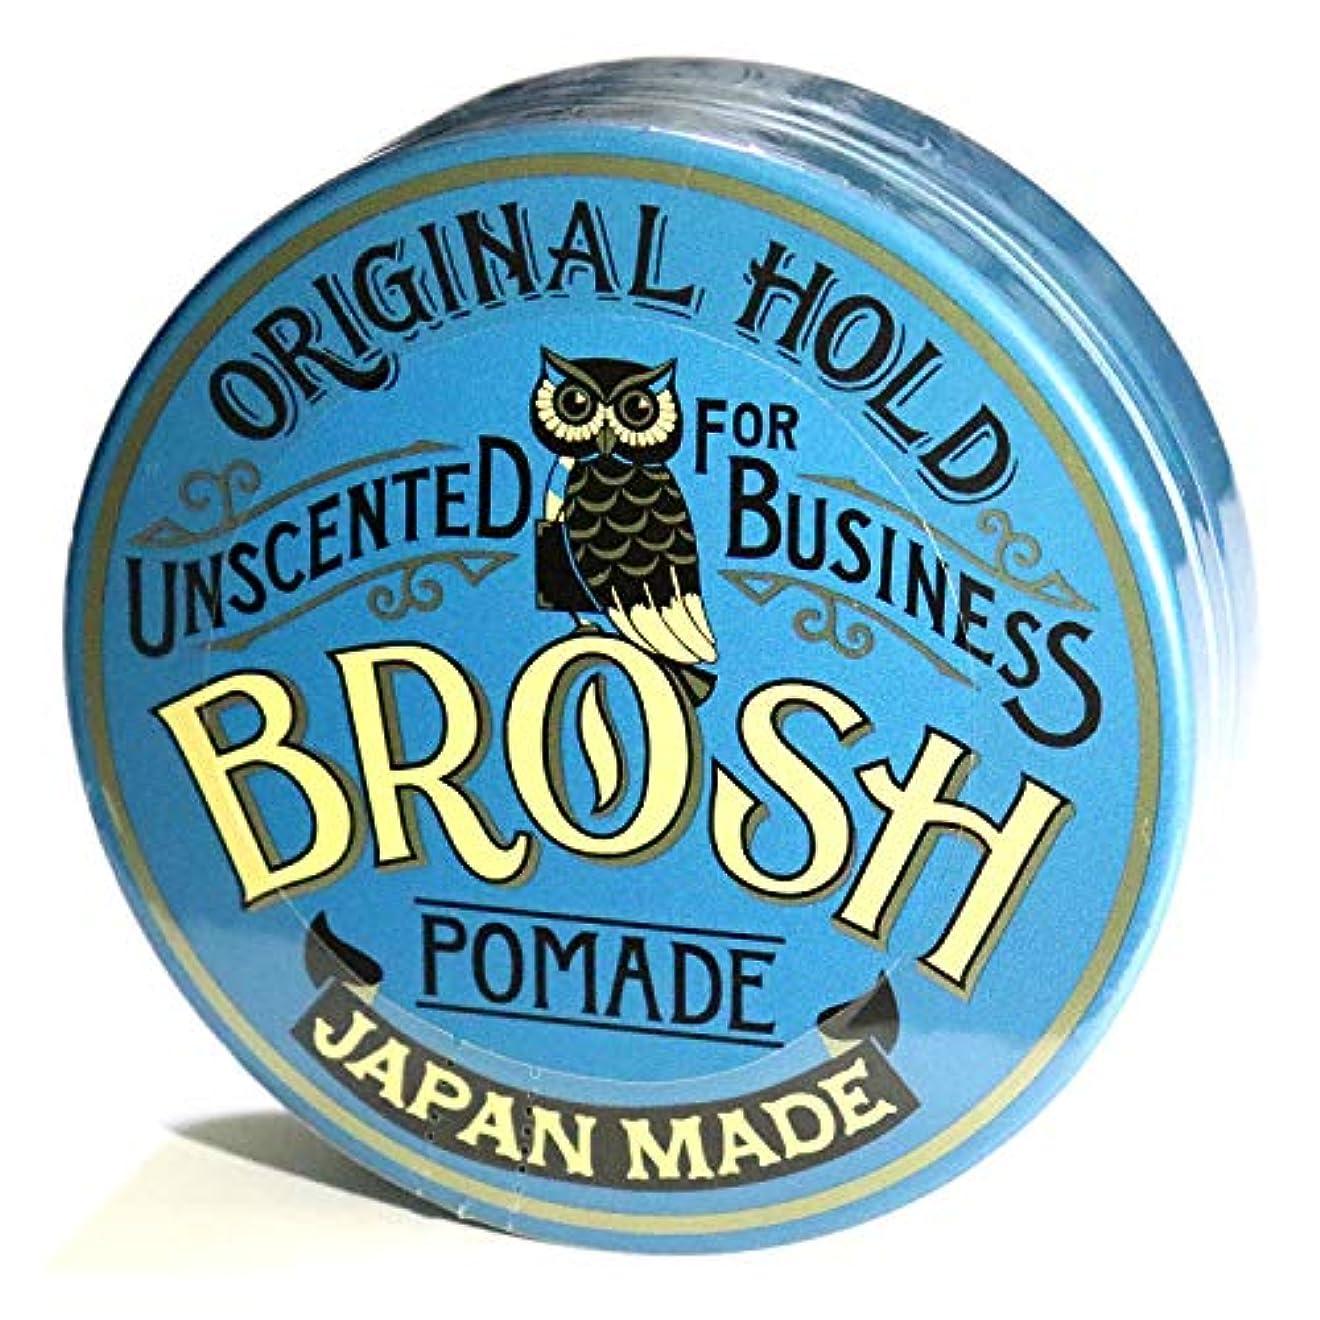 まっすぐ玉肥料BROSH (ブロッシュ) BROSH POMADE UNSCENTED/BIZ 115g 水性ポマード 整髪料 無香料